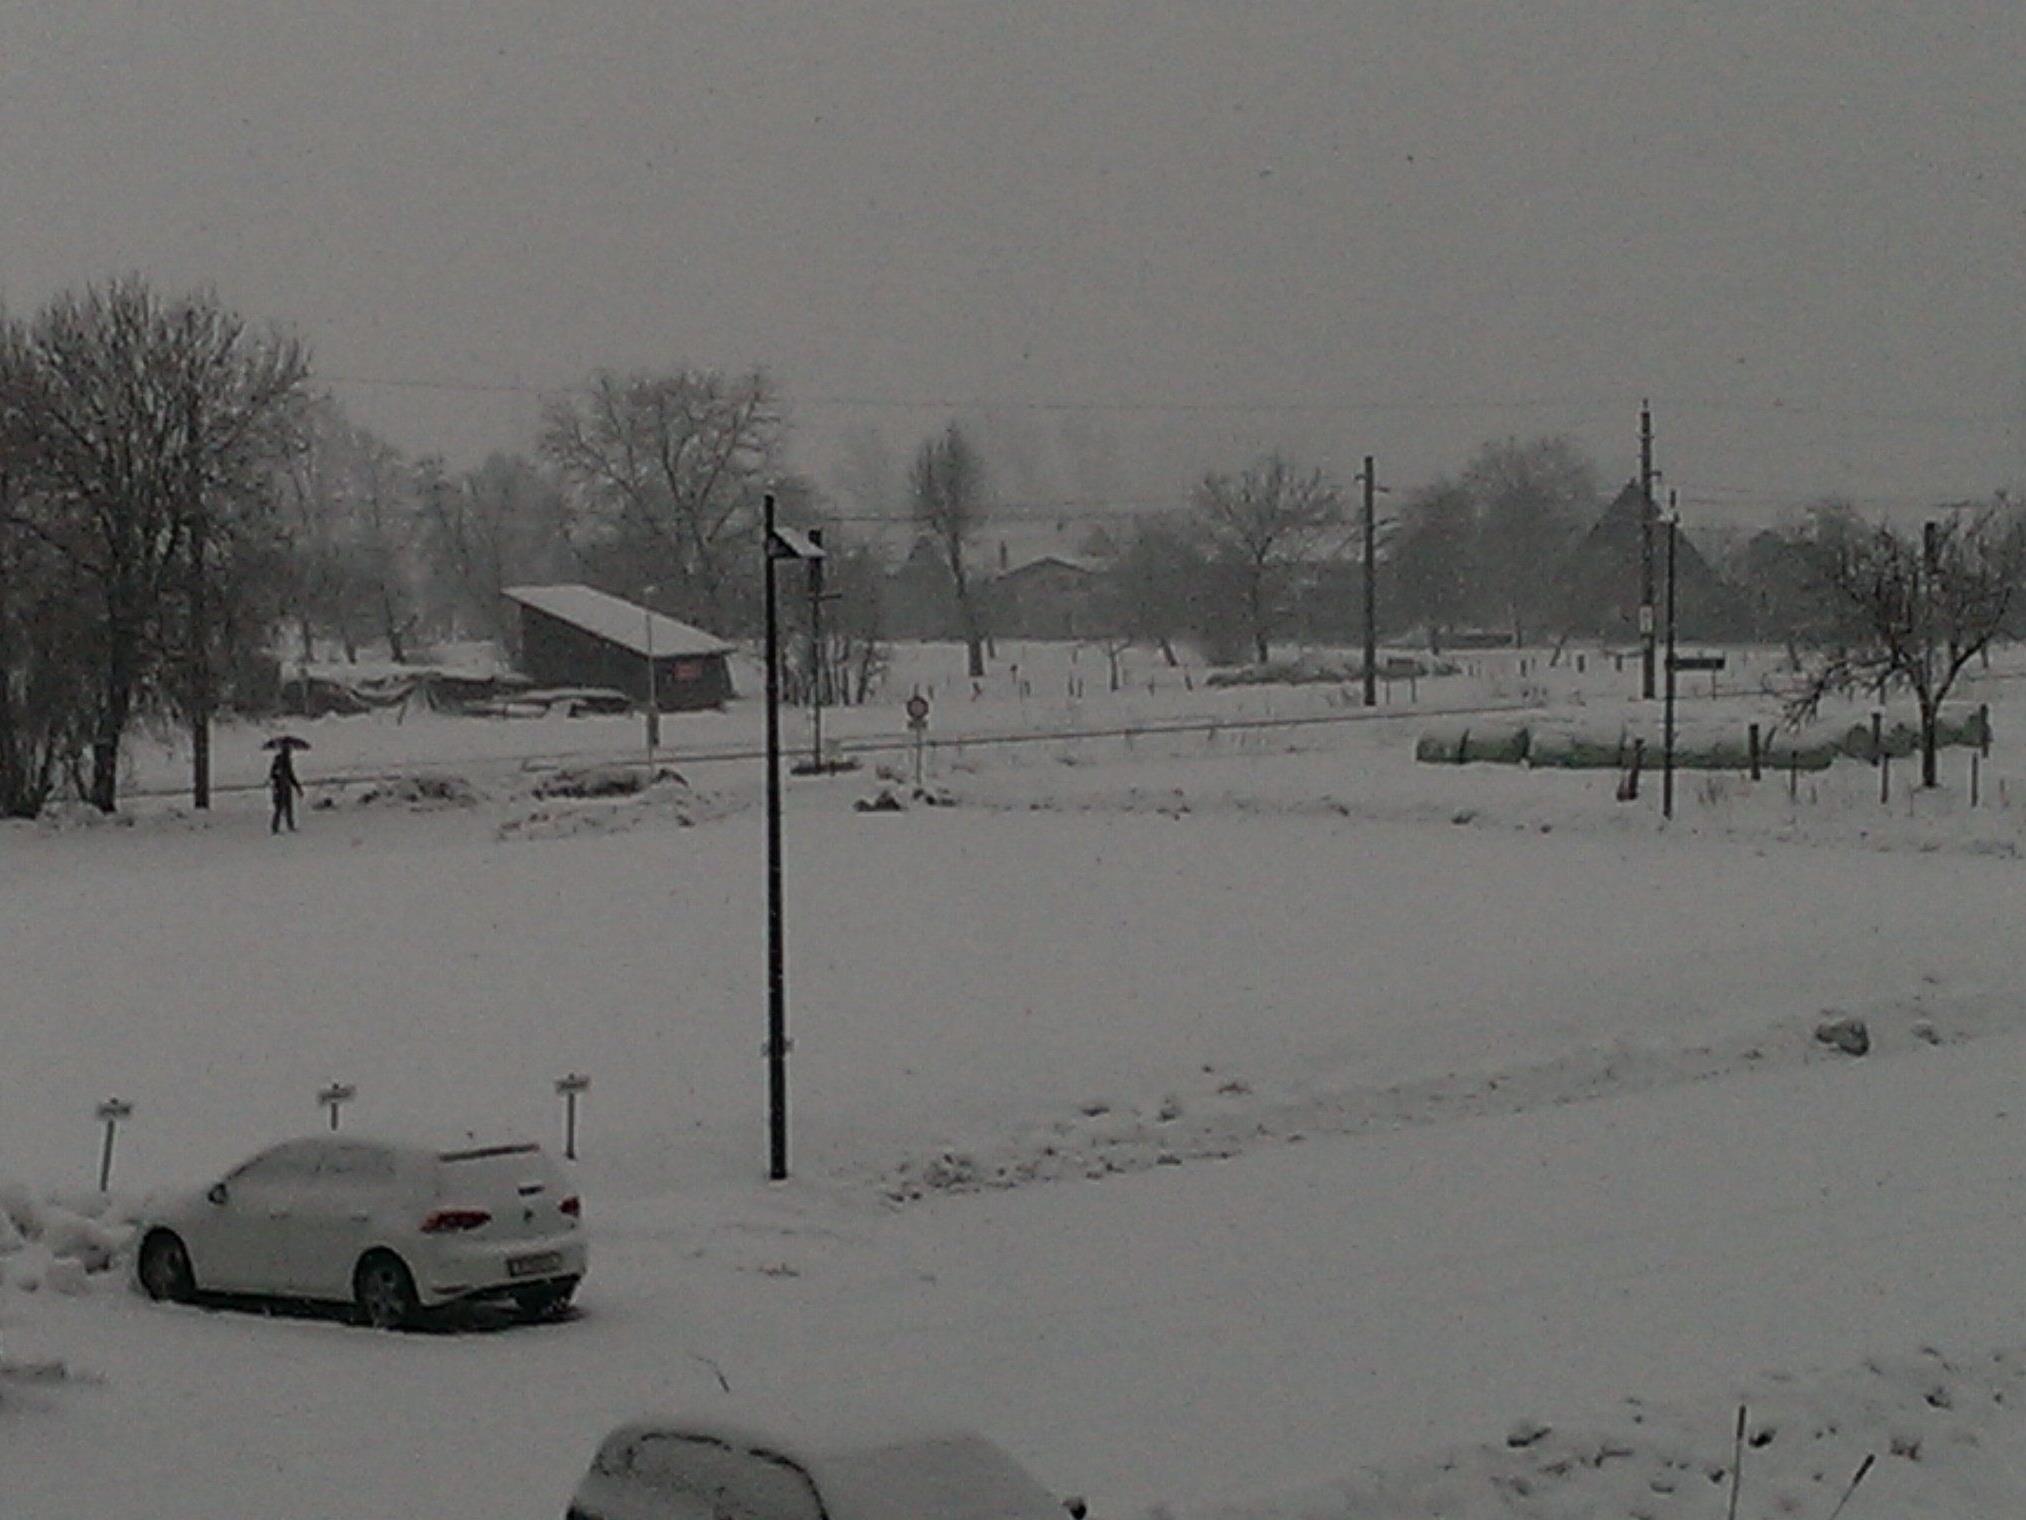 Anhaltender Schneefall in Schwarzach am Sonntag Vormittag.